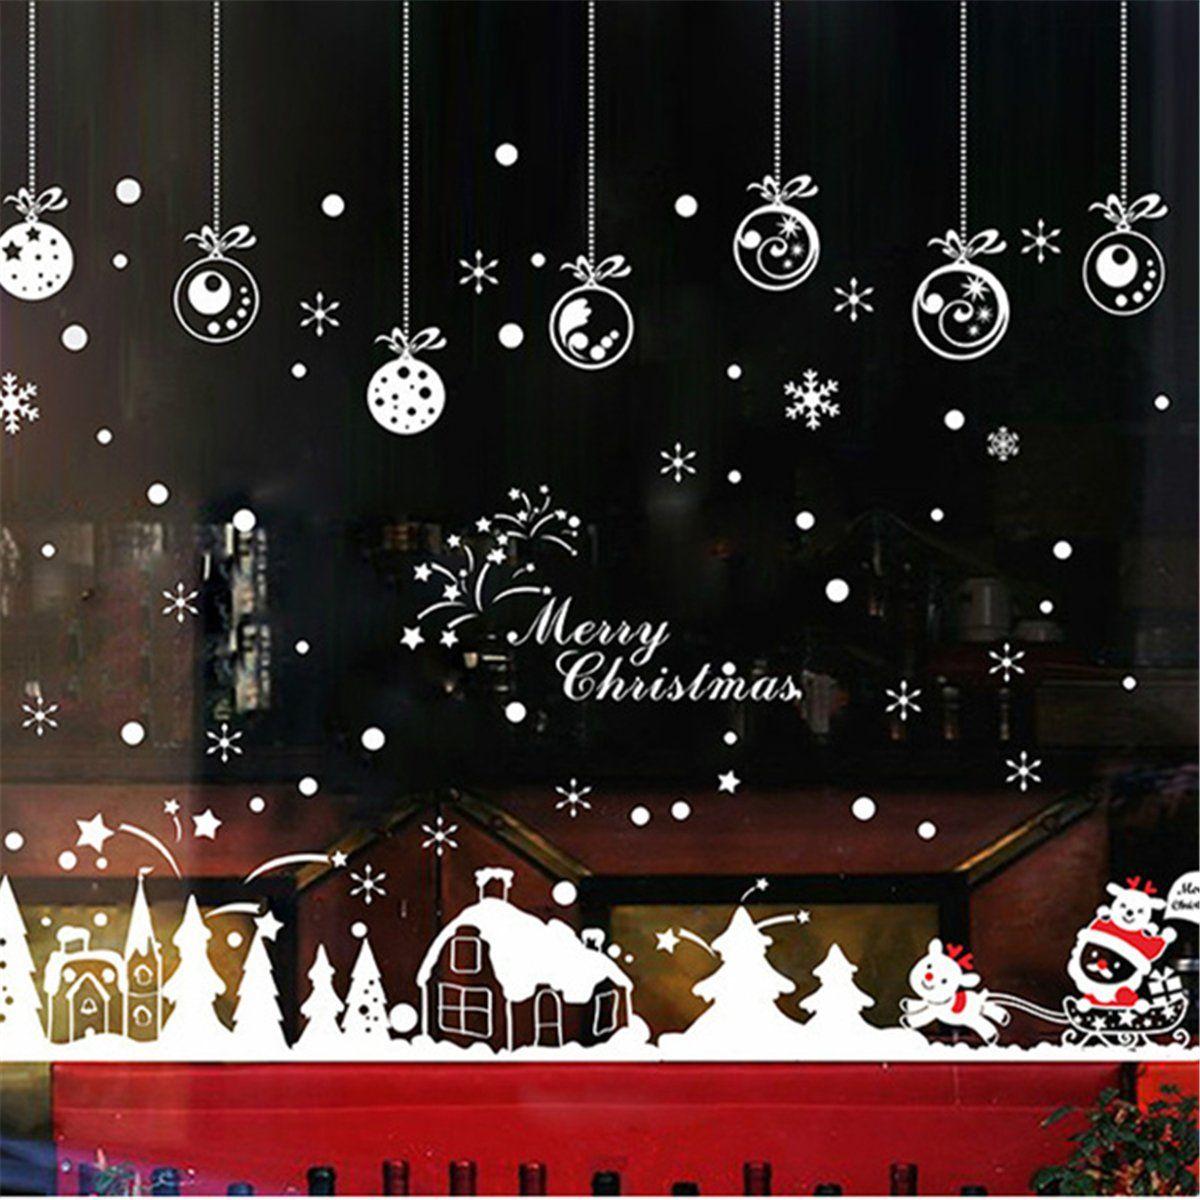 Xmas Christmas Window Sticker Snowflake Reindeer Santa Claus Tree Home Decor Ne Weihnachten Fenster Aufkleber Fensterbilder Weihnachten Fensterdeko Weihnachten